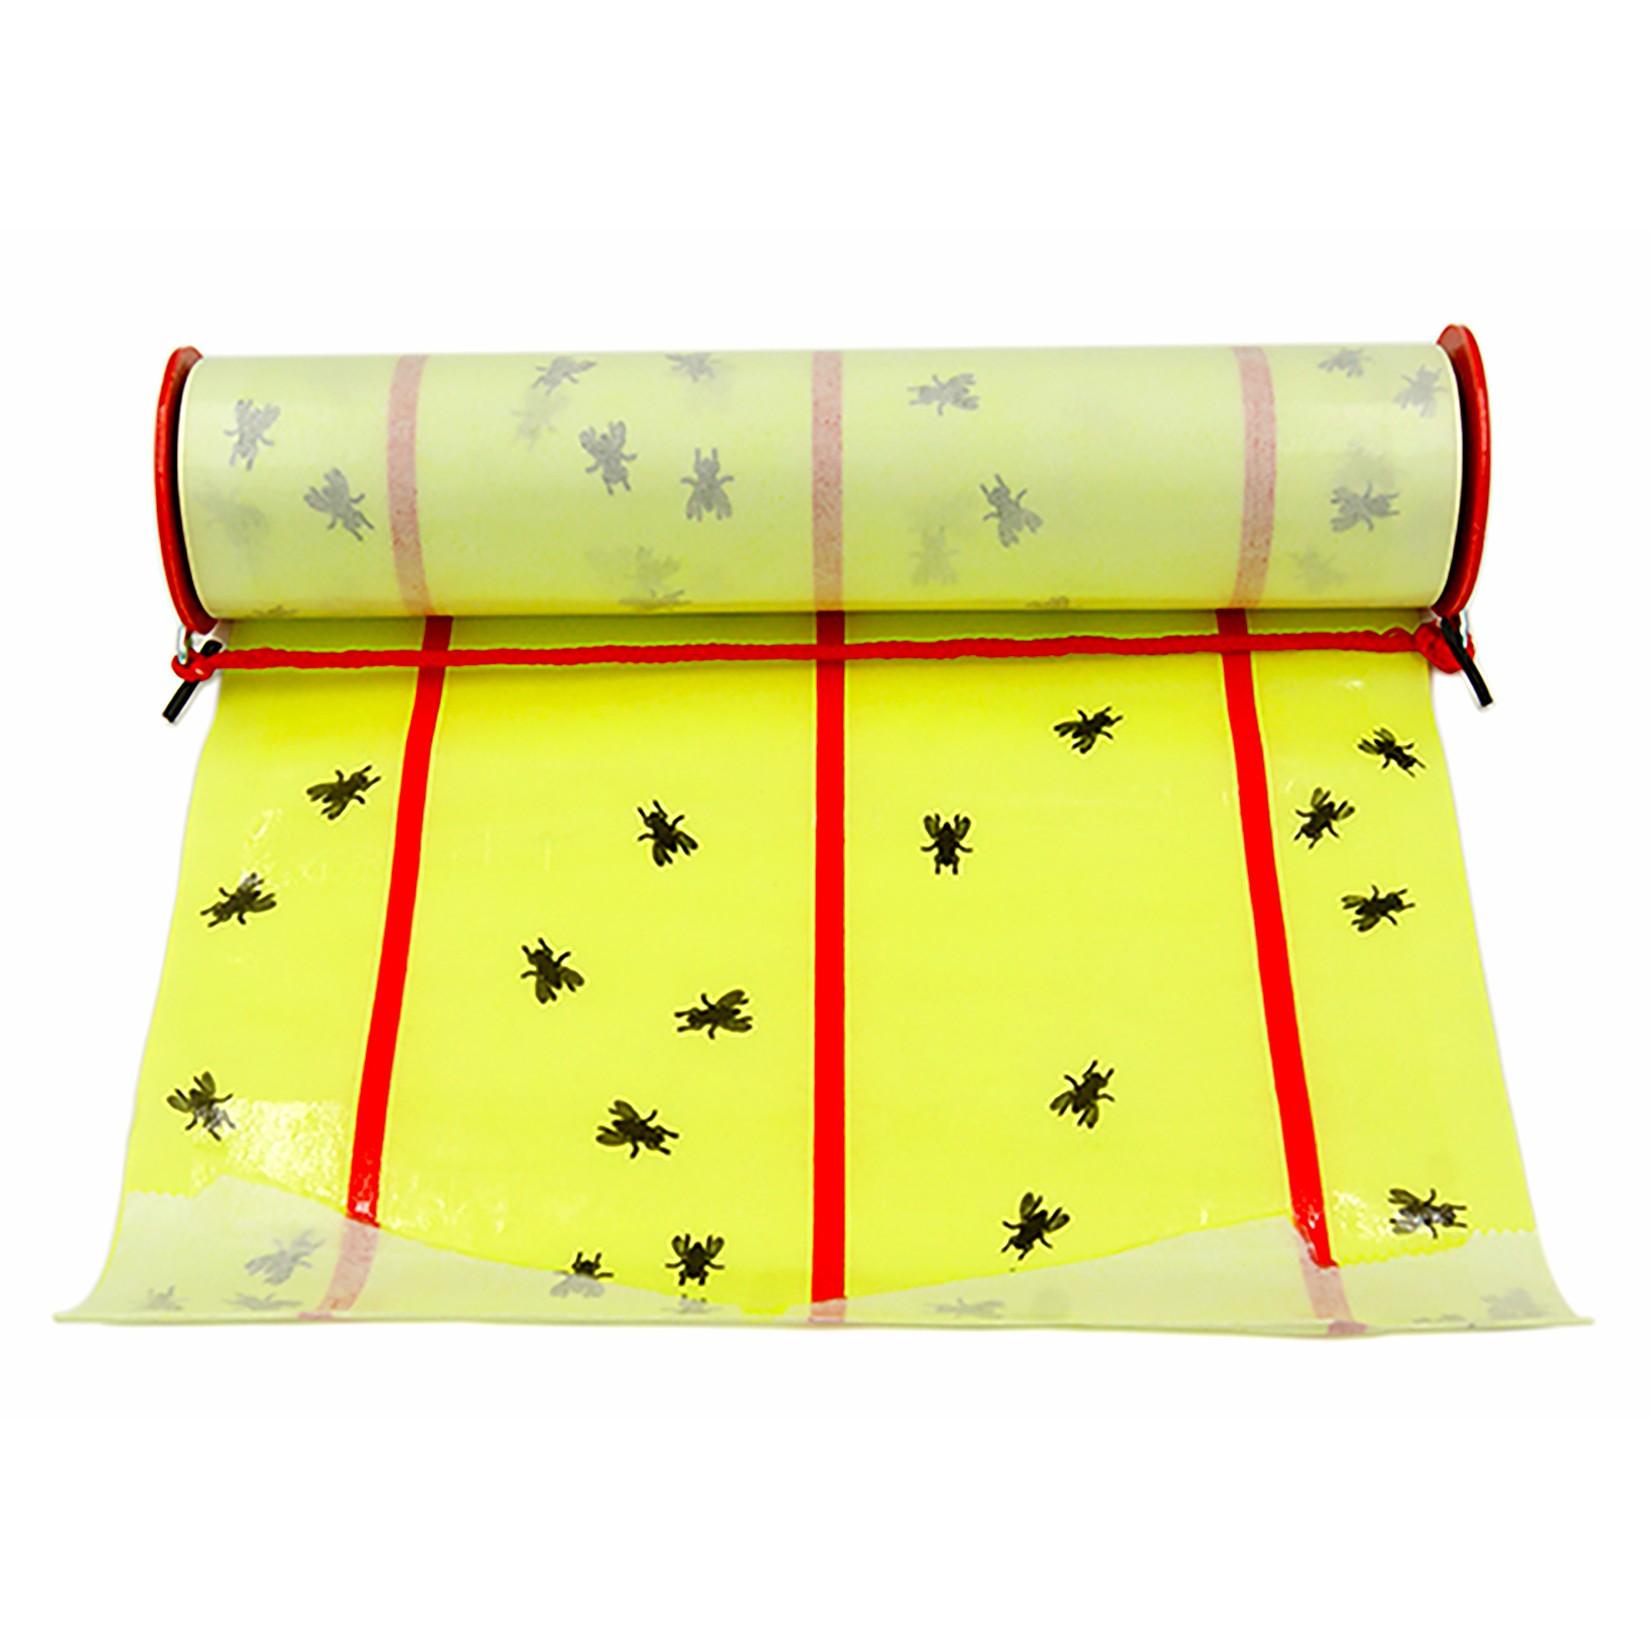 Gros rouleaux spécial anti-mouches autocollants 9 mètres x 26cm Subito | Insecticide Antinuisible Qualité Professionnelle